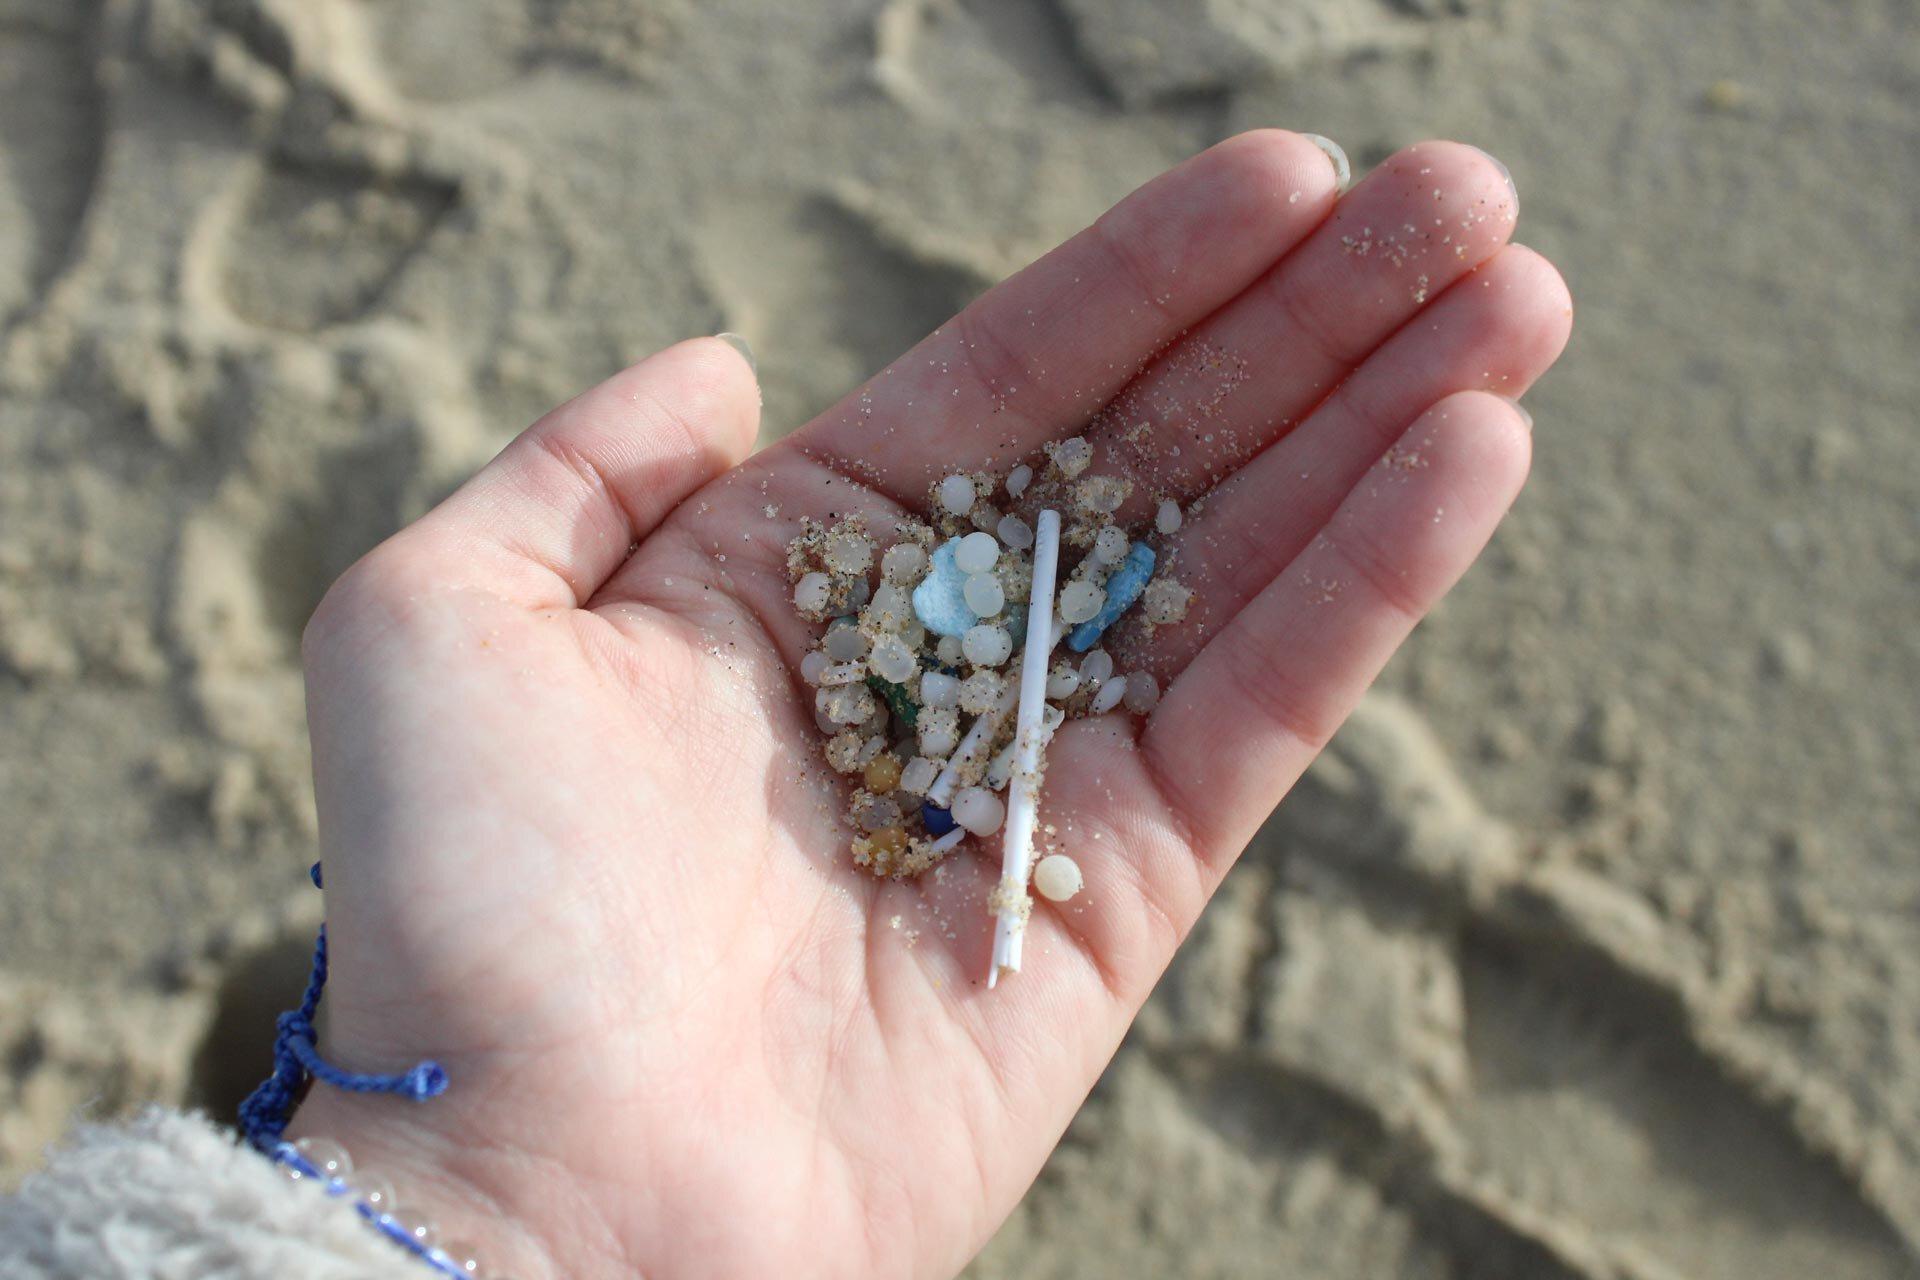 Une flopée de microbilles de plastique — Photo : Alexandra Jammet